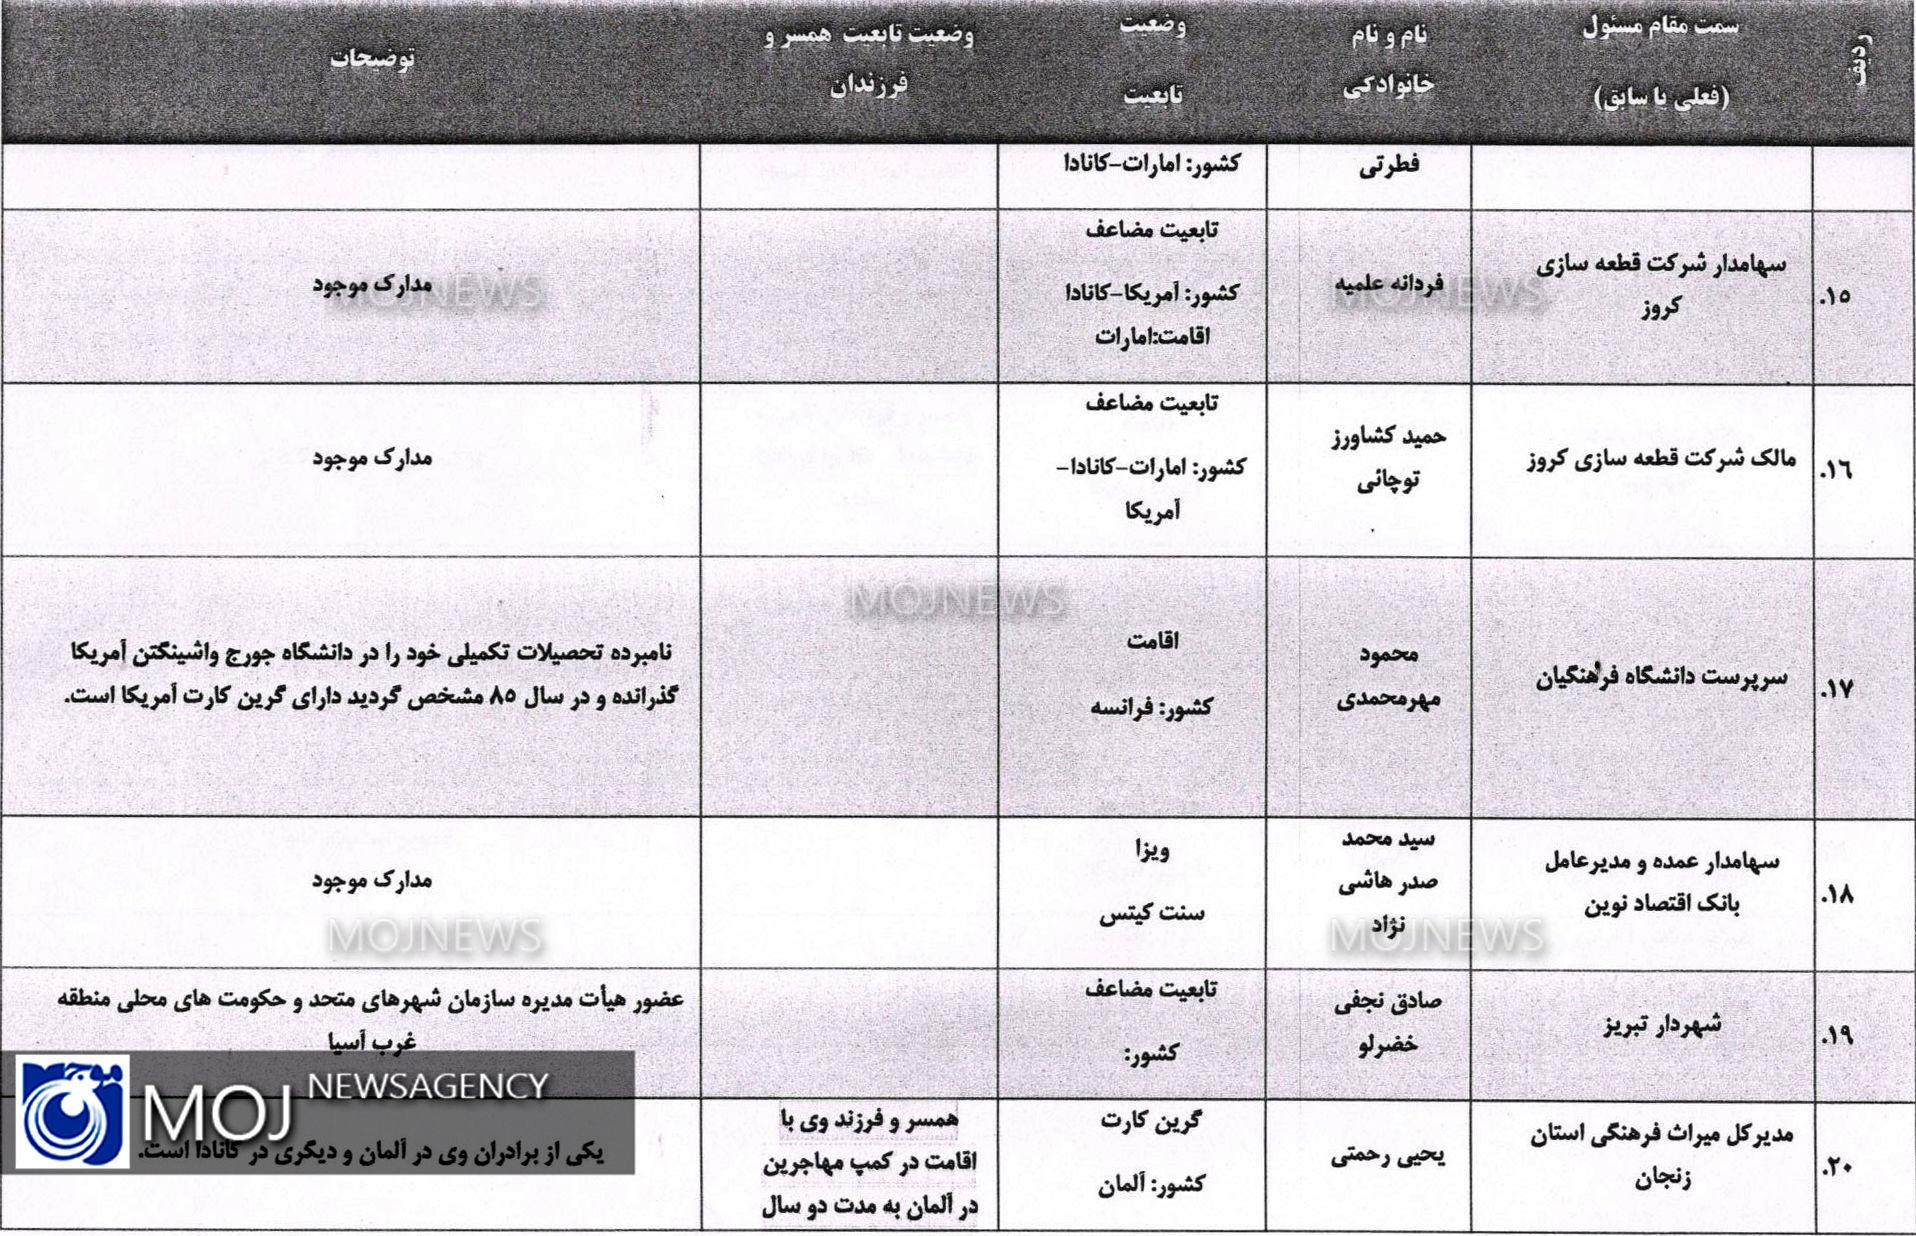 لیست افراد دو تابعیتی بر اساس ظن قوی 3